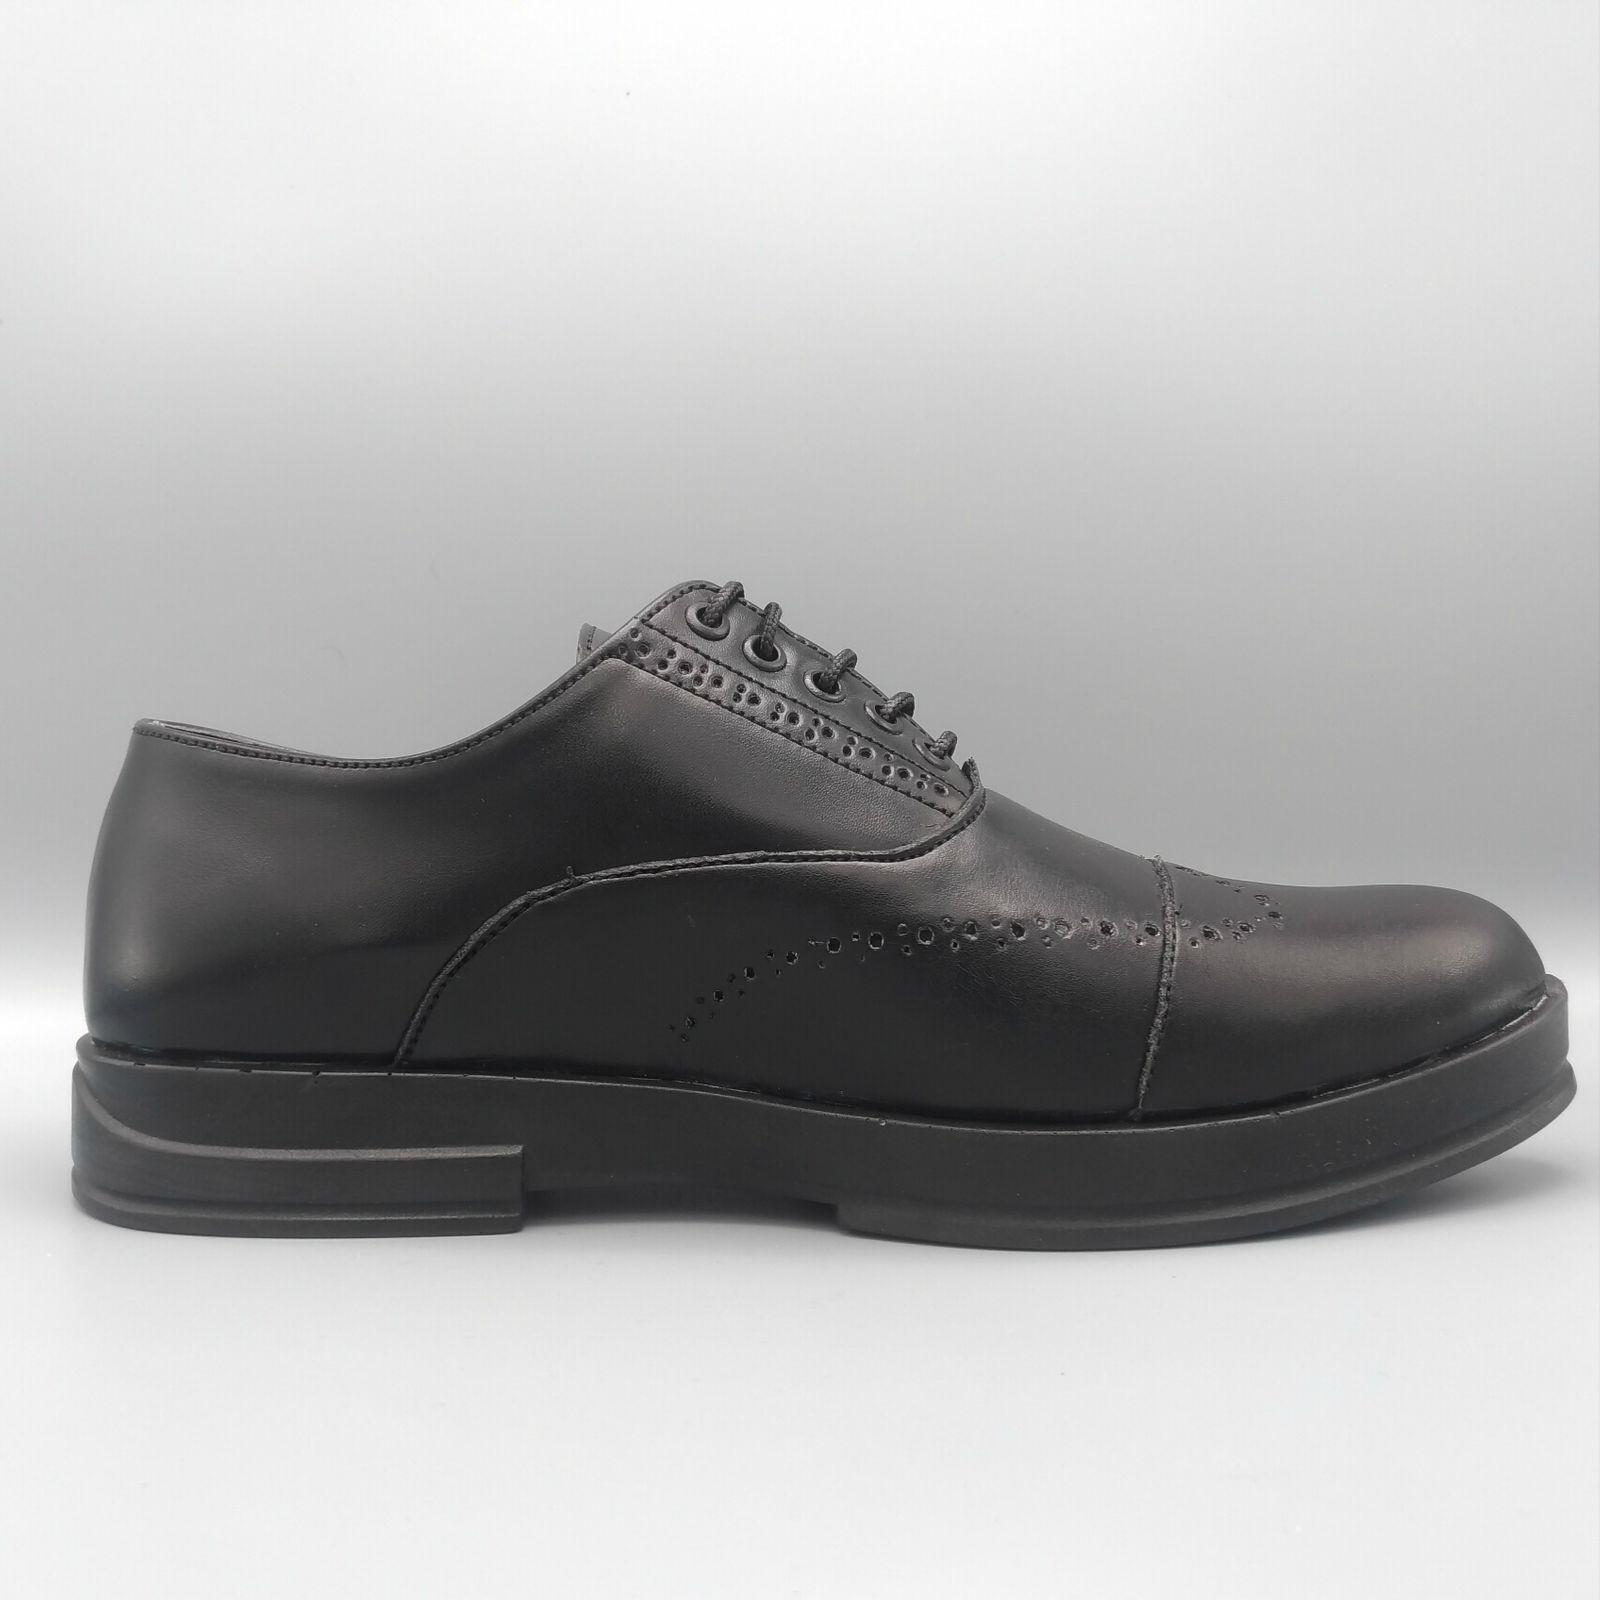 کفش مردانه مدل FARAZ-2 -  - 5